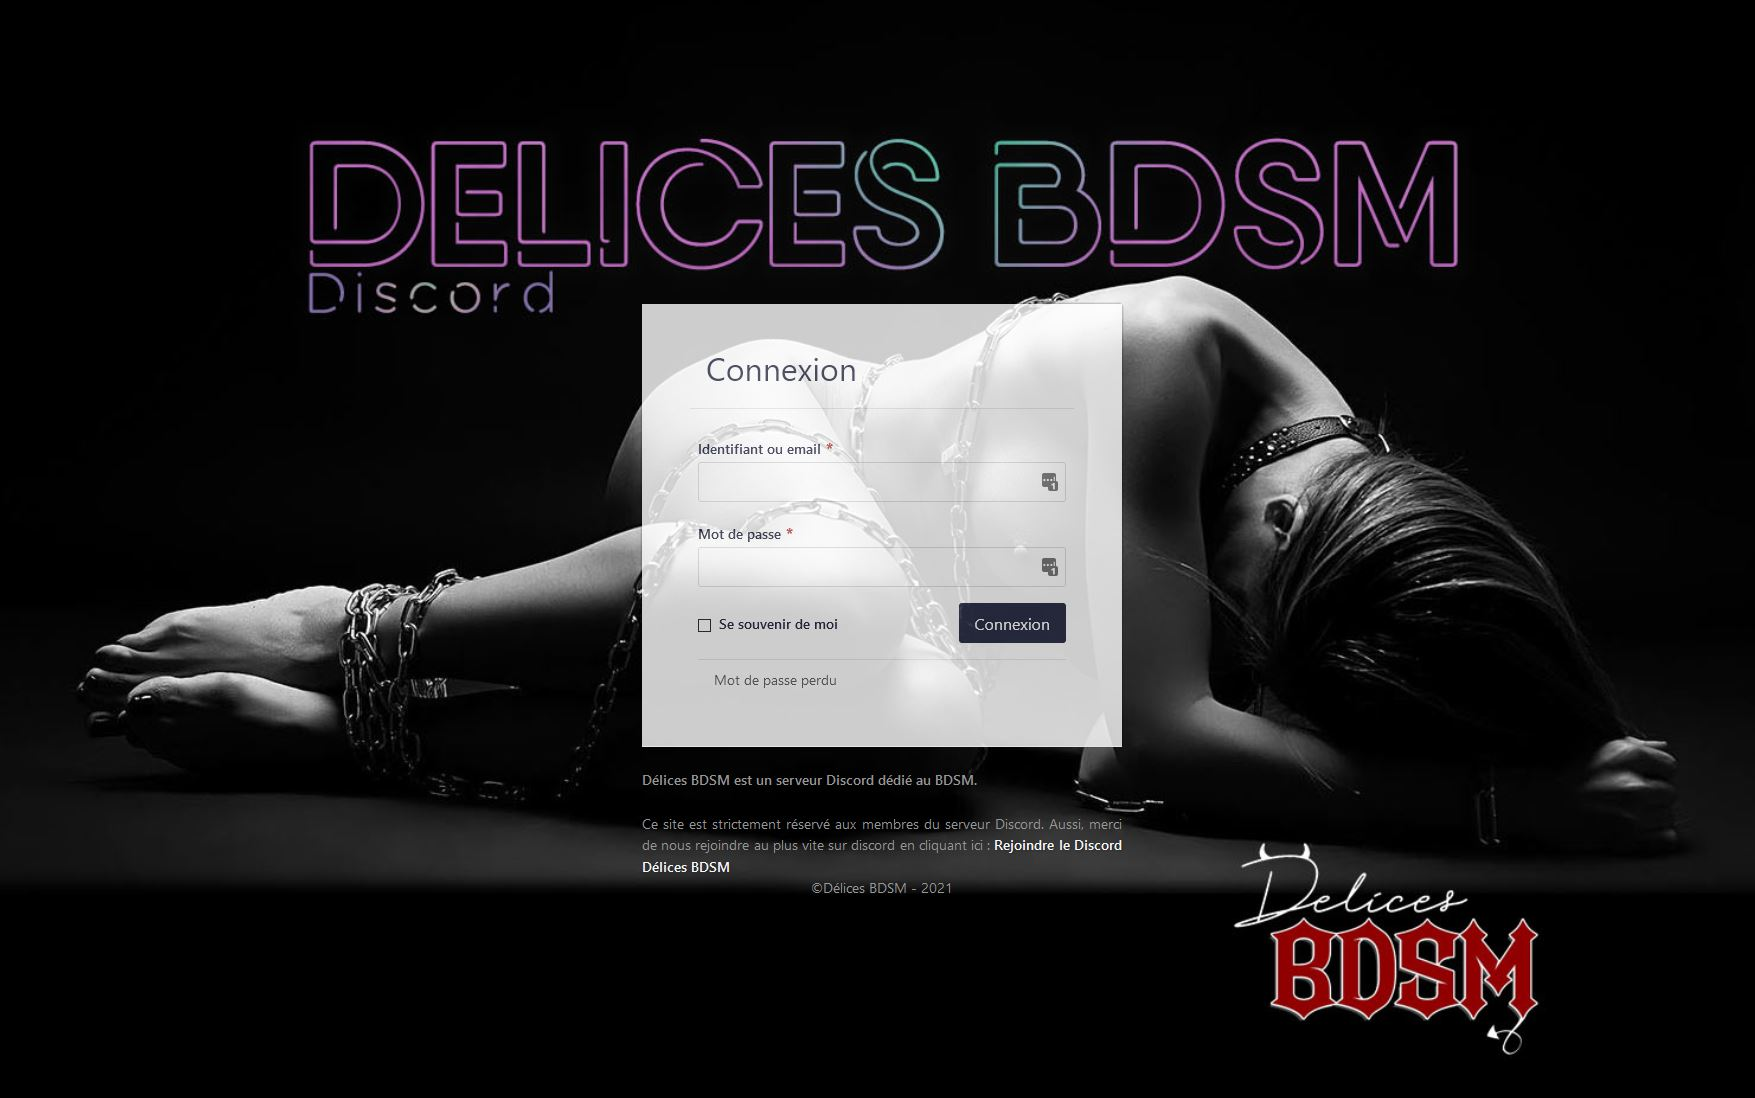 Délices BDSM - La communauté du BDSM sur discord